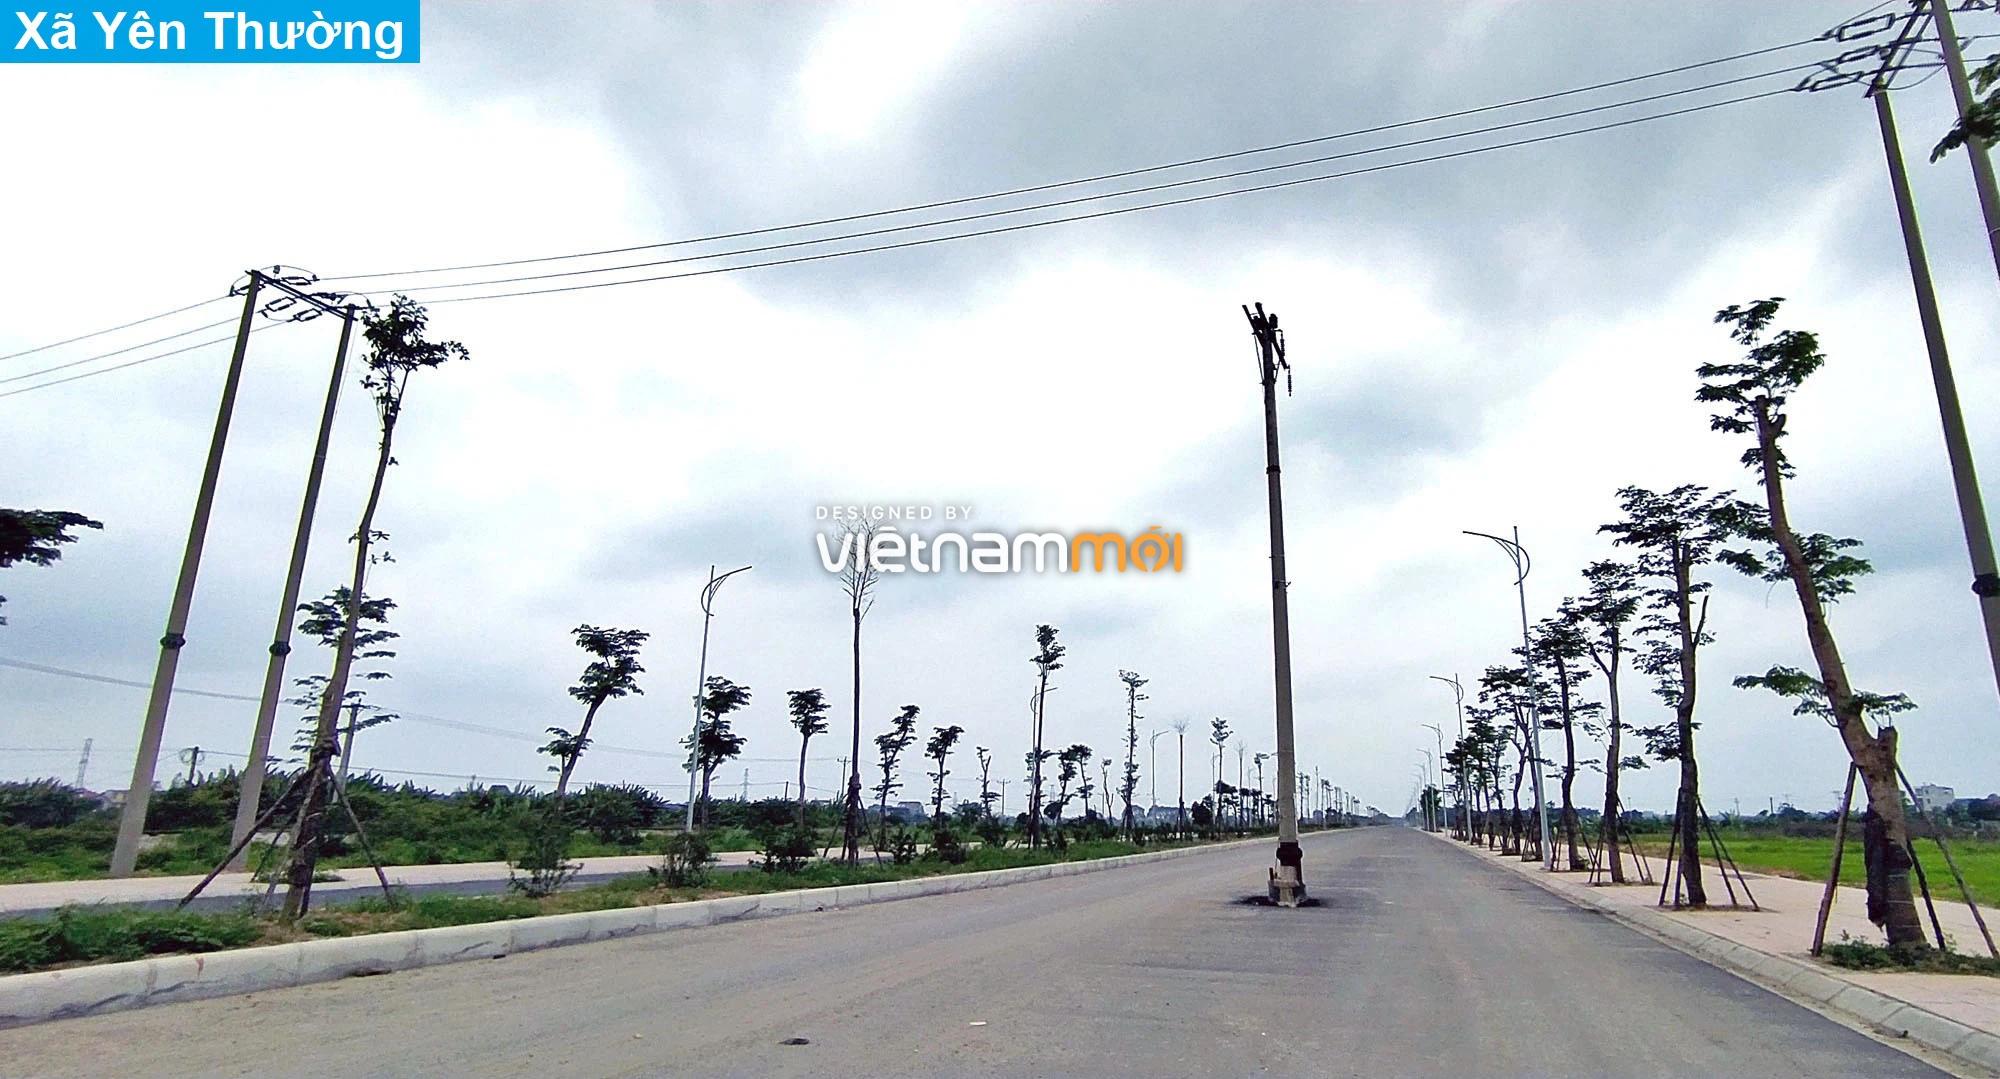 Toàn cảnh tuyến đường 40 m qua xã Yên Viên, Yên Thường đang mở theo quy hoạch ở Hà Nội - Ảnh 4.